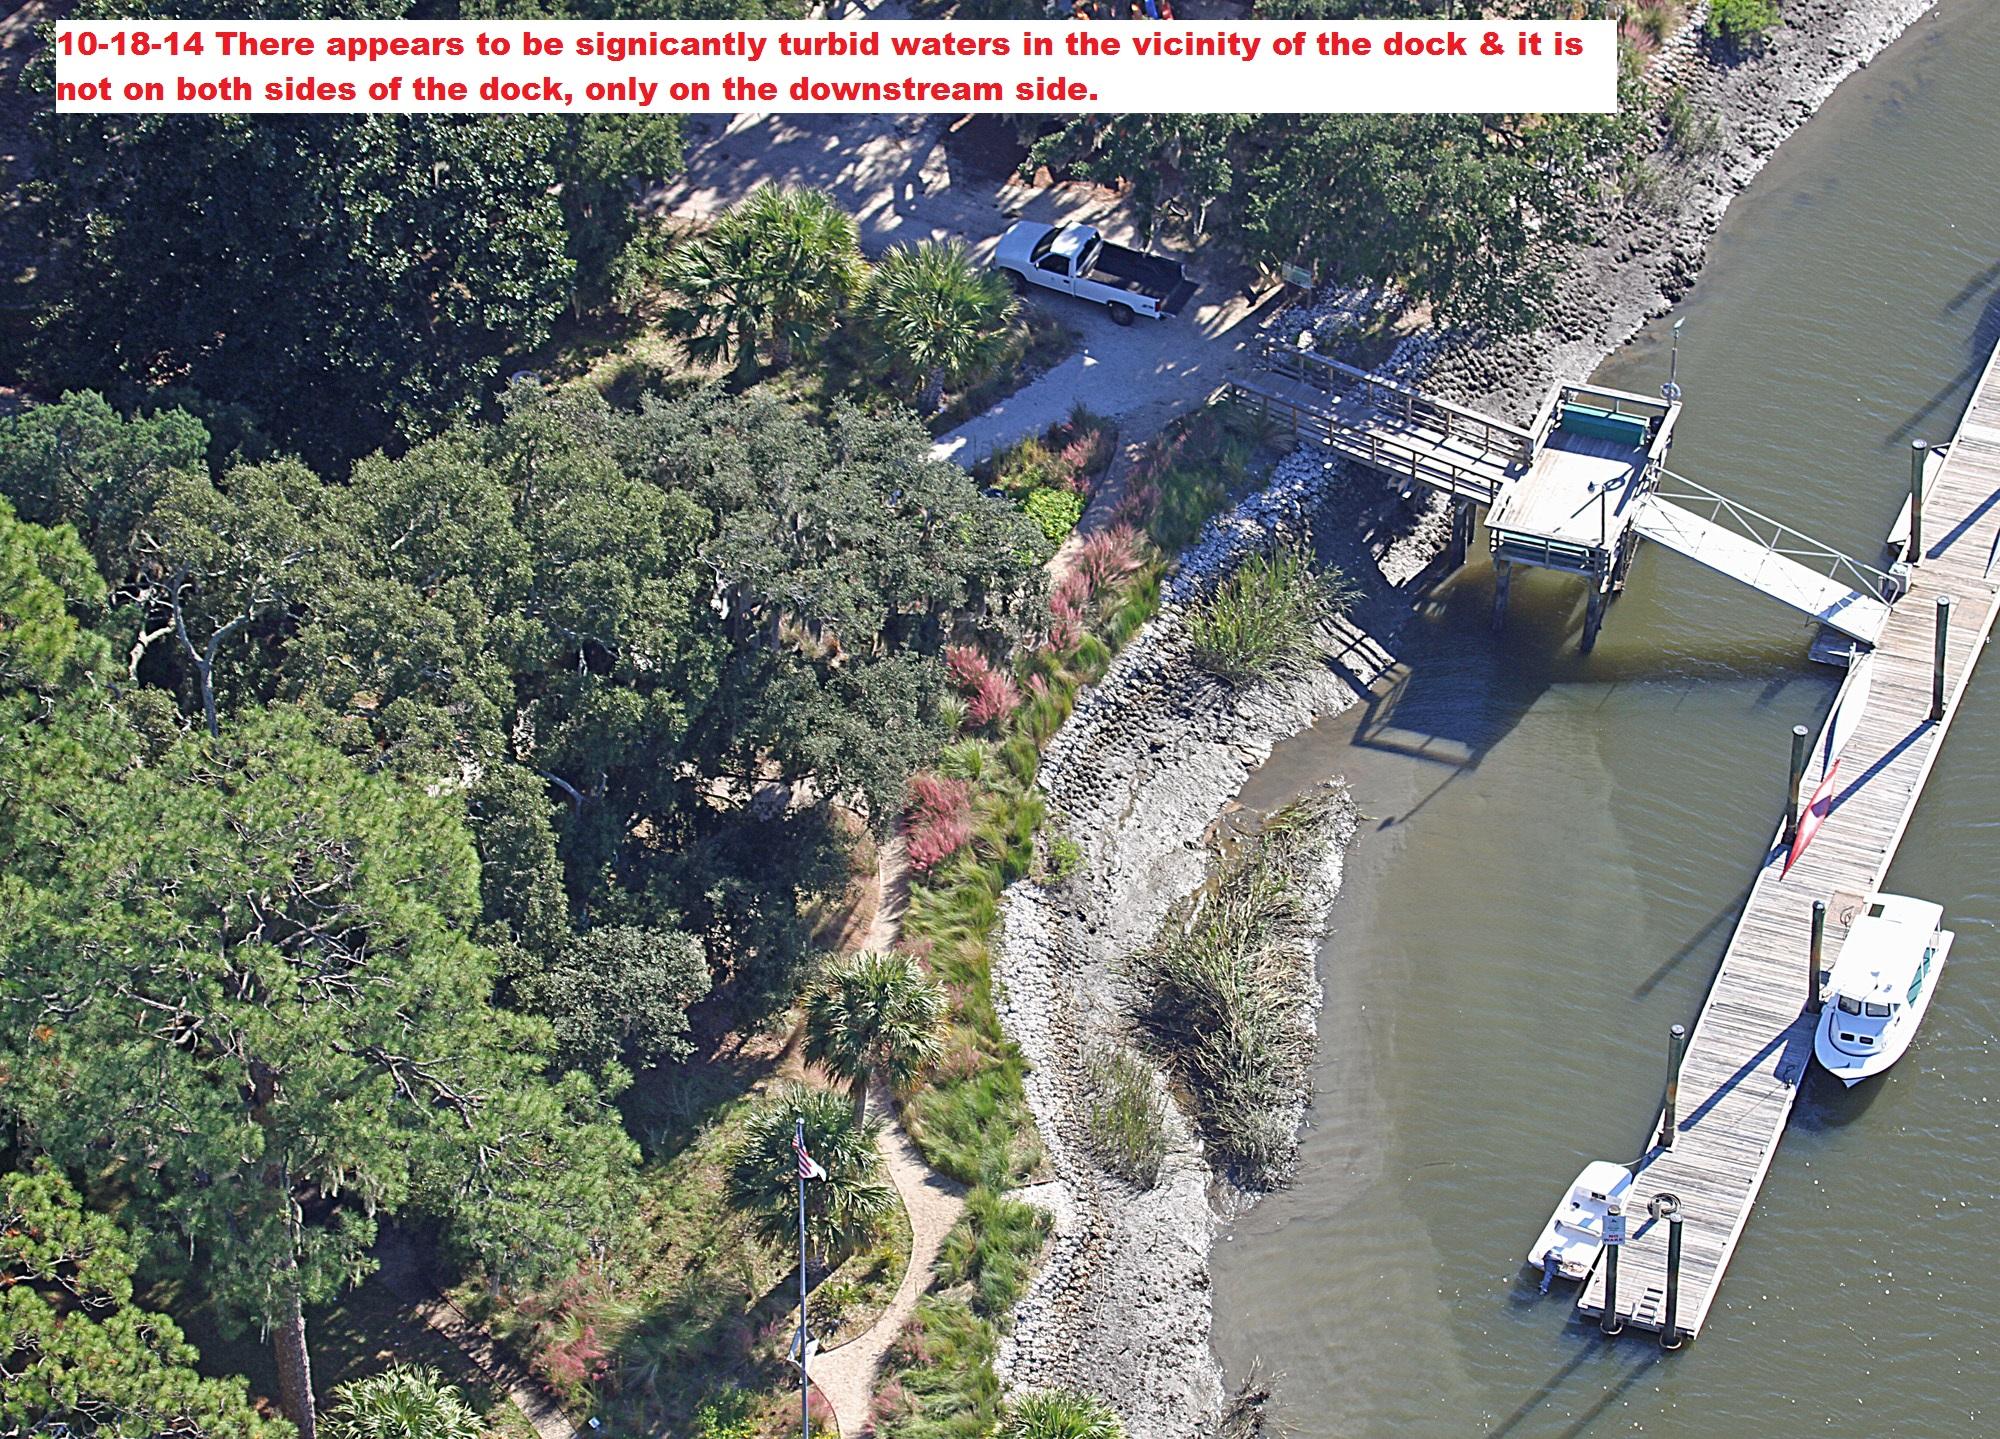 IMG_8139-10-18-14-Little-St-Simons-Island-Dock-Area